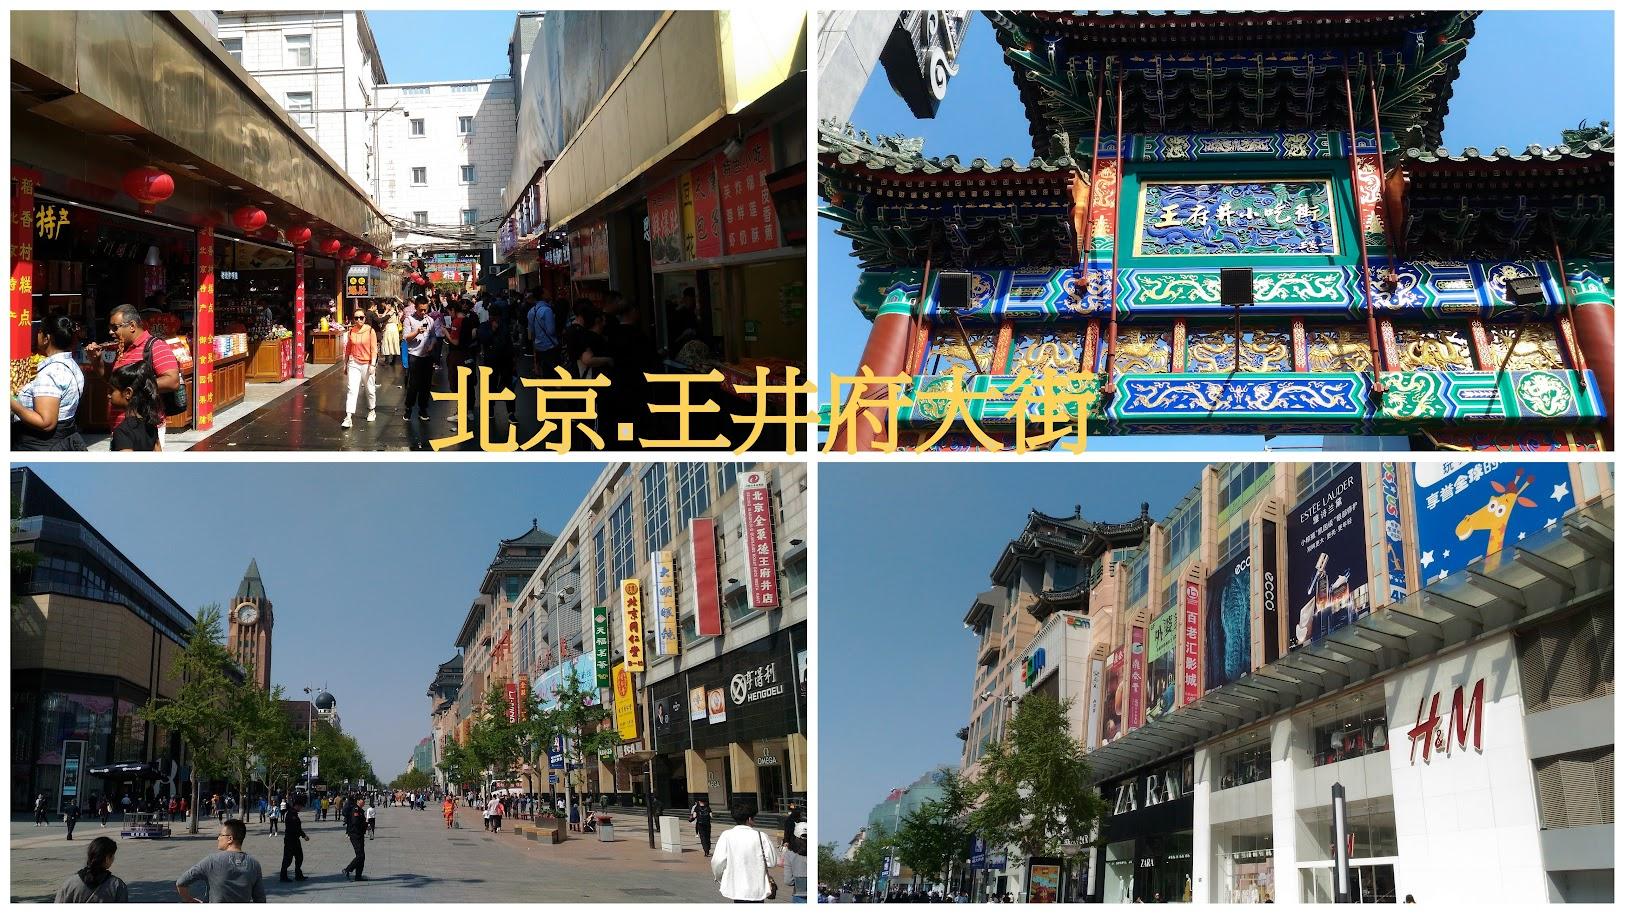 北京-【王府井大街】百年悠久歷史商業街-北京旅遊 中國自由行 @ 旅遊休閒樂活趣 :: 痞客邦